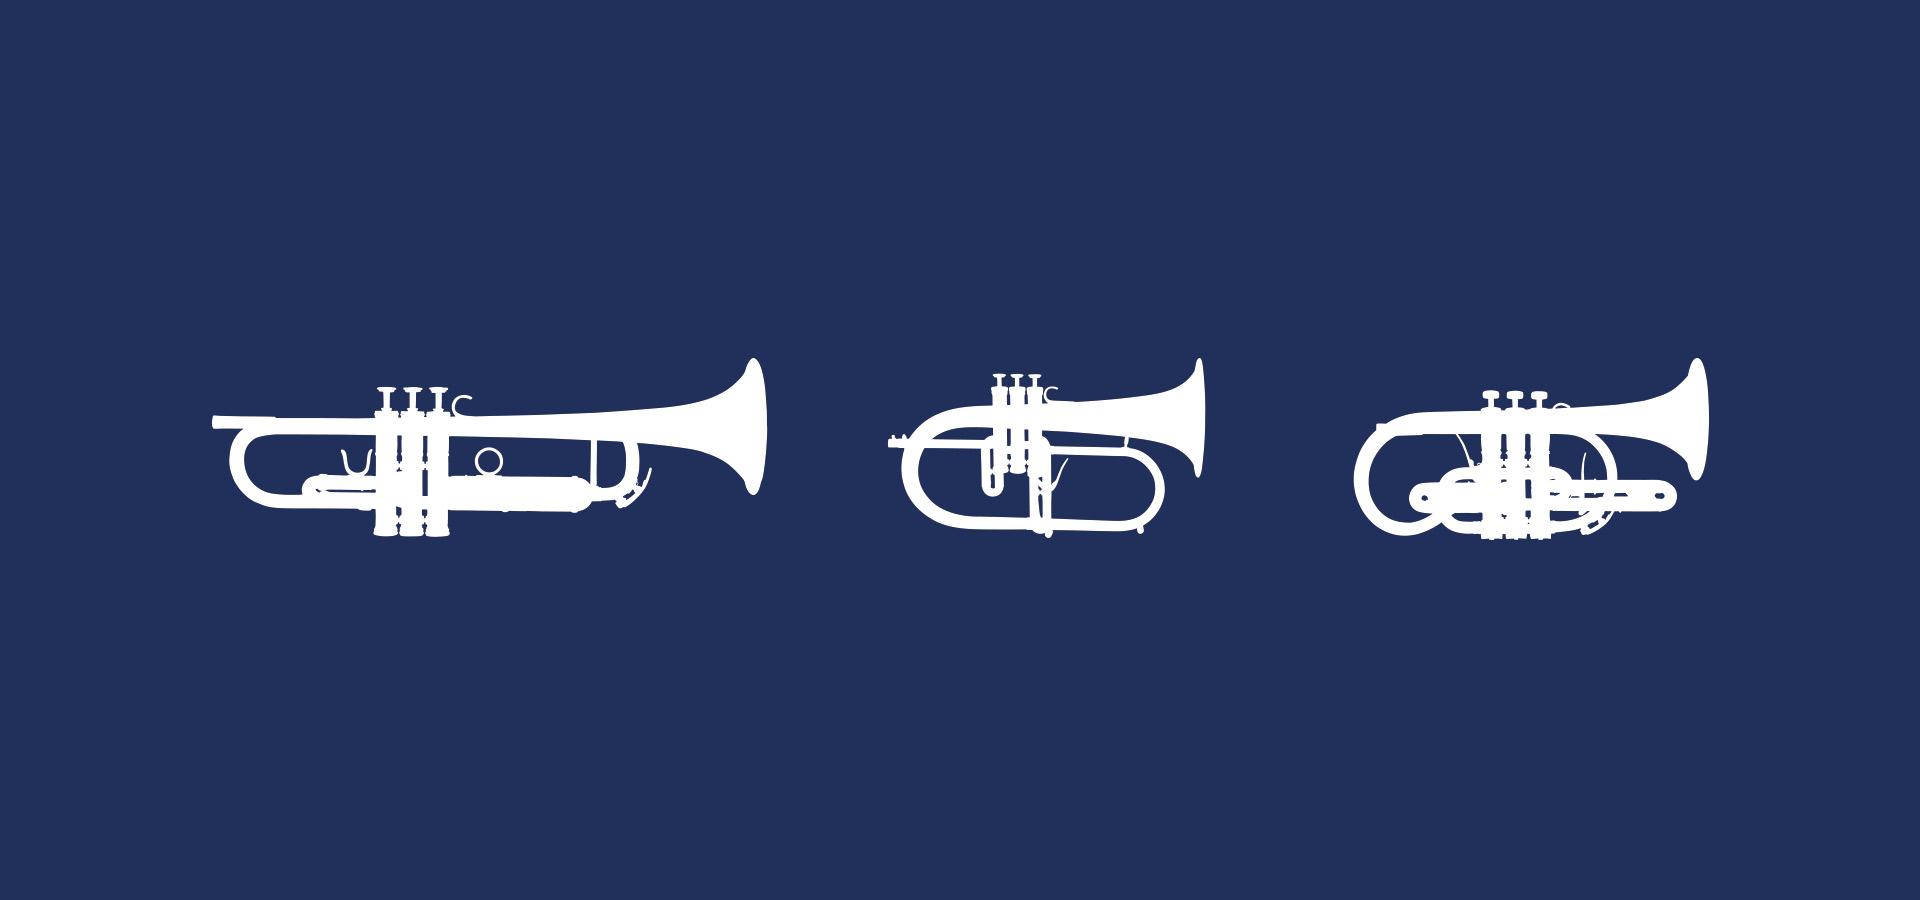 Fulton Brass - About Fultone Brass